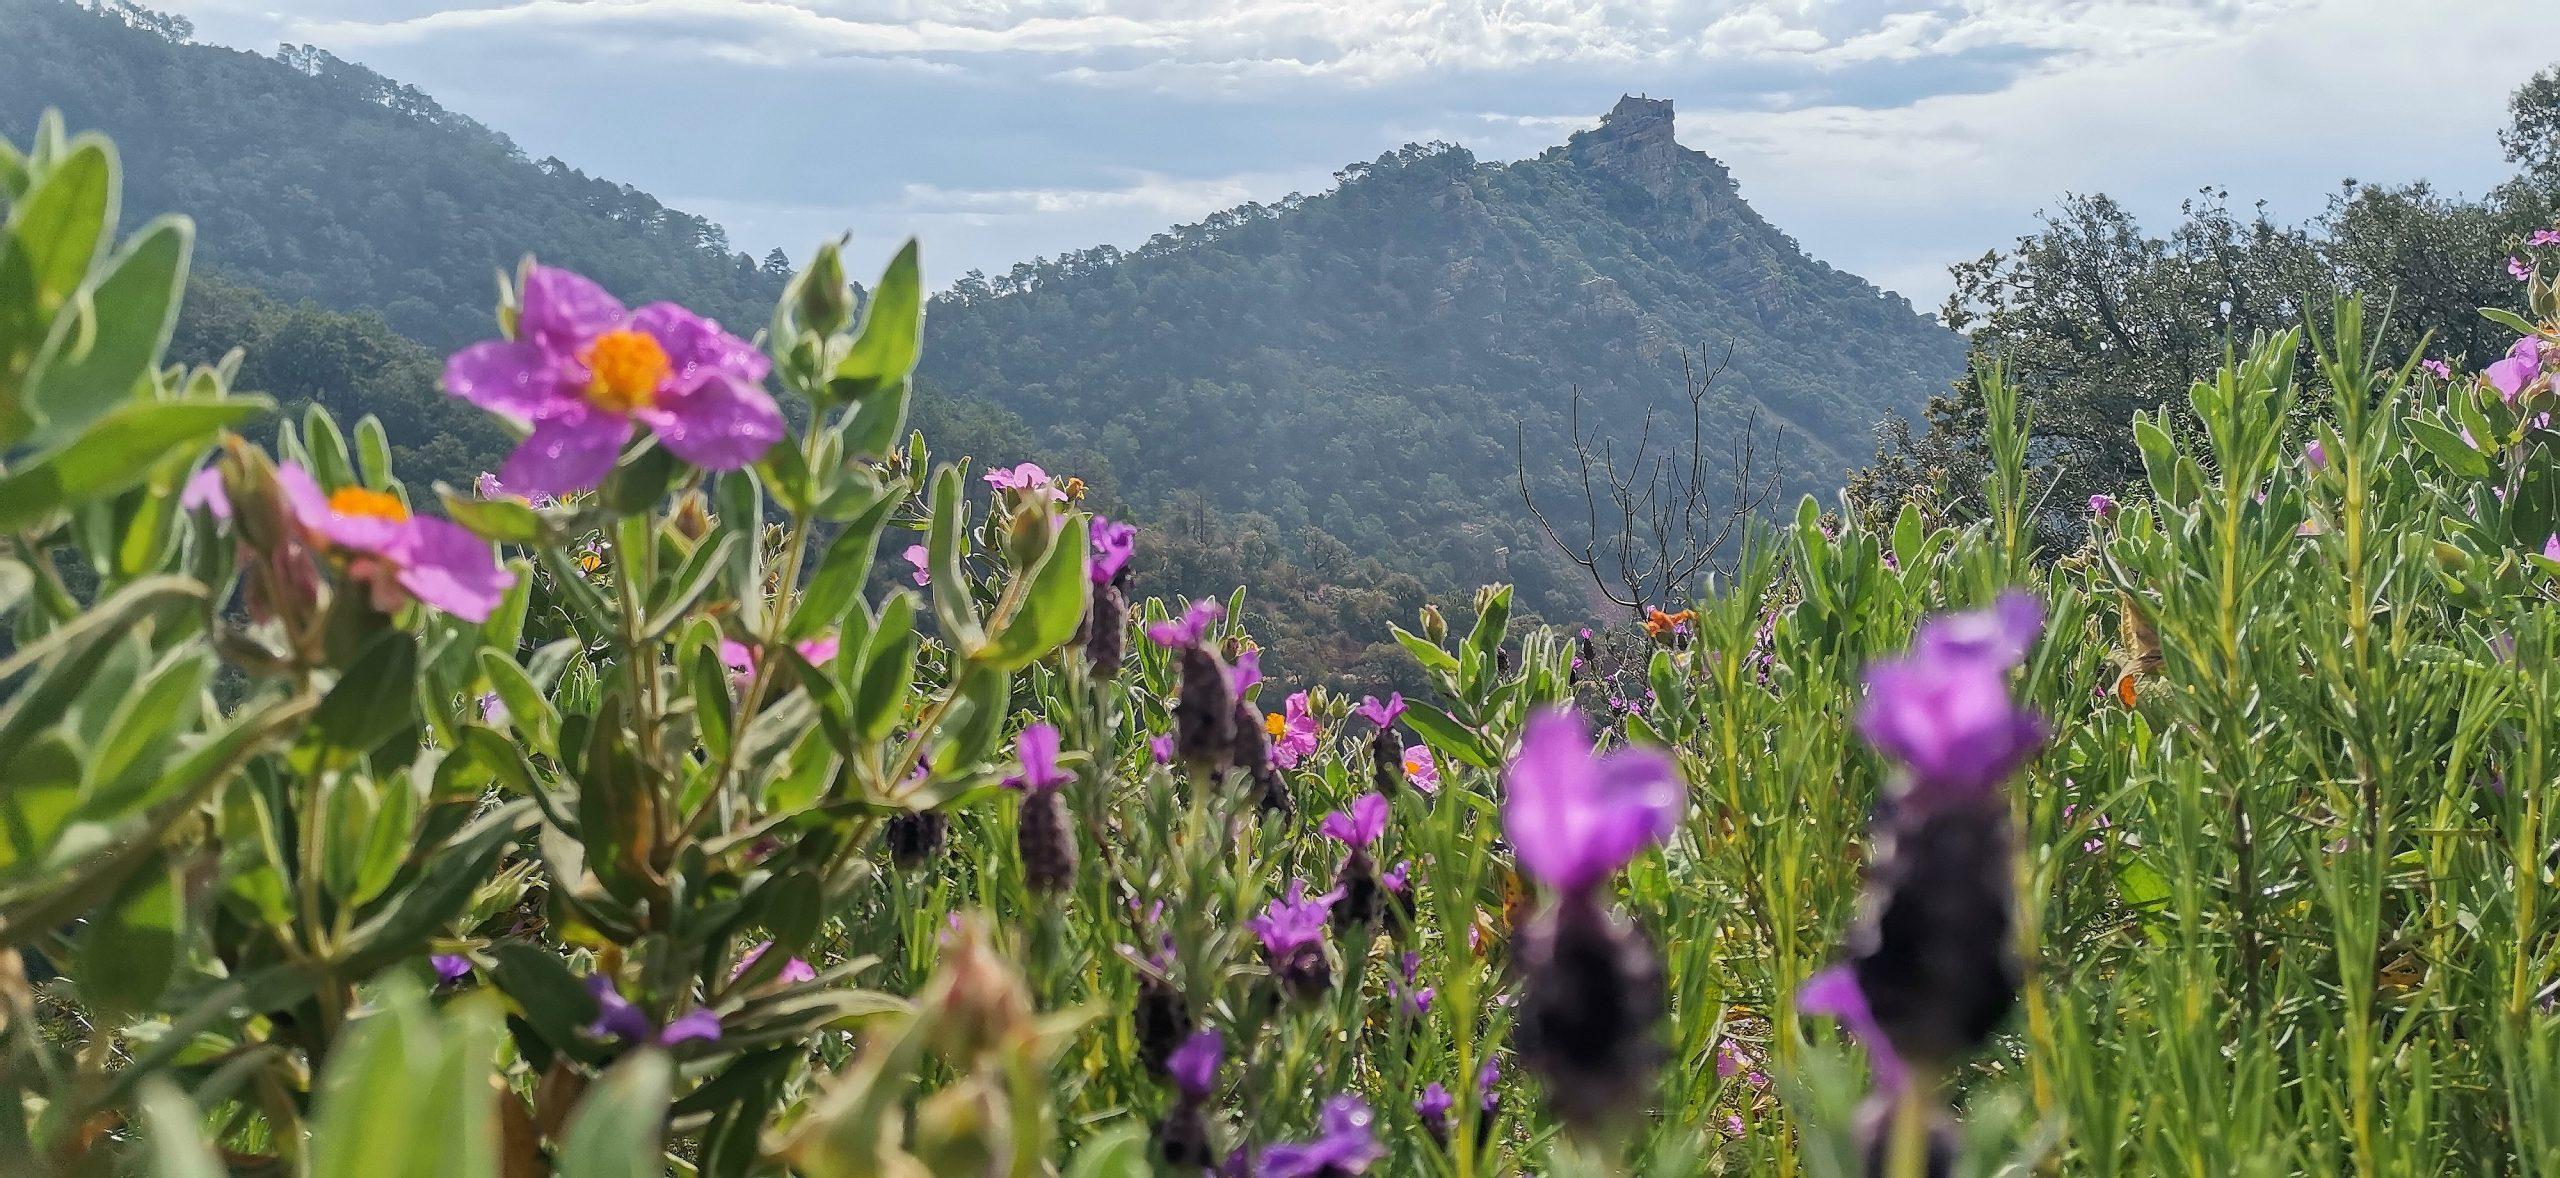 Primavera en la sierra de Espadan